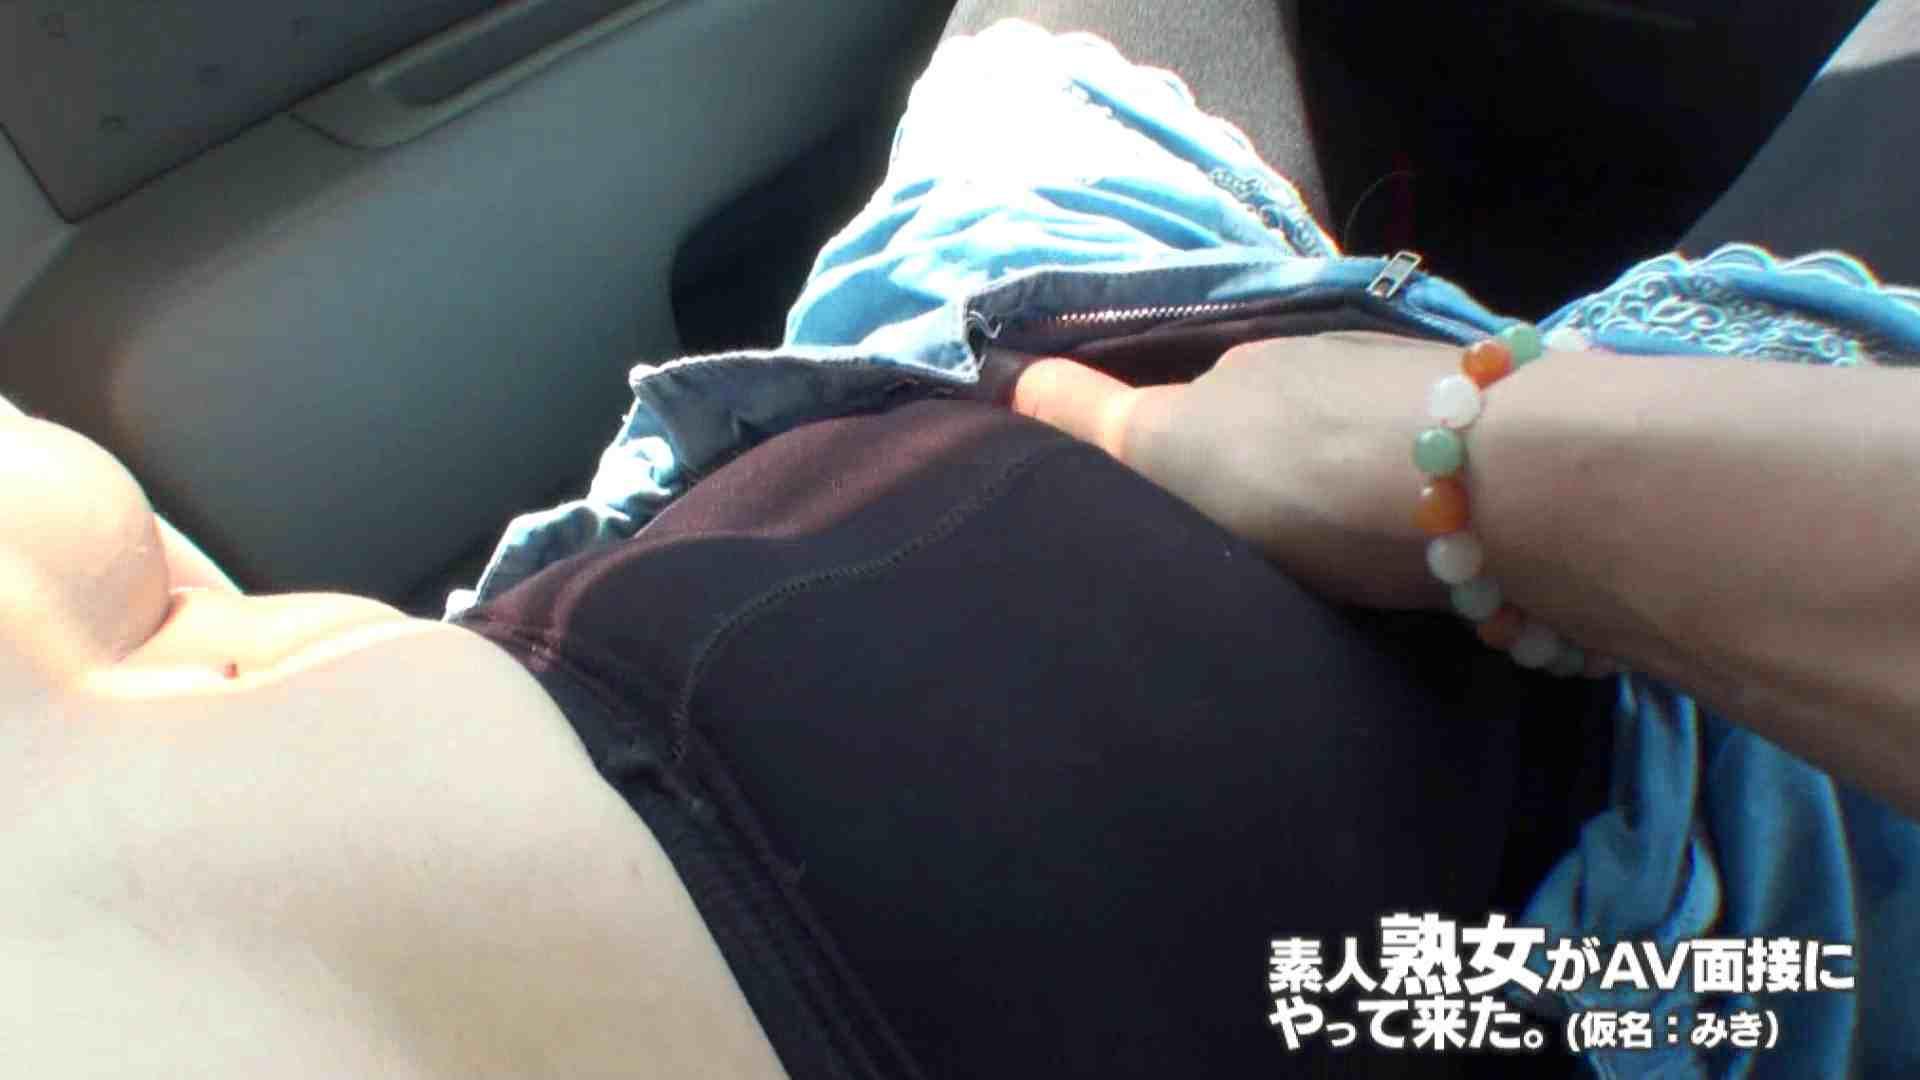 素人熟女がAV面接にやってきた (熟女)みきさんVOL.02 車 | 熟女の裸体  84画像 62